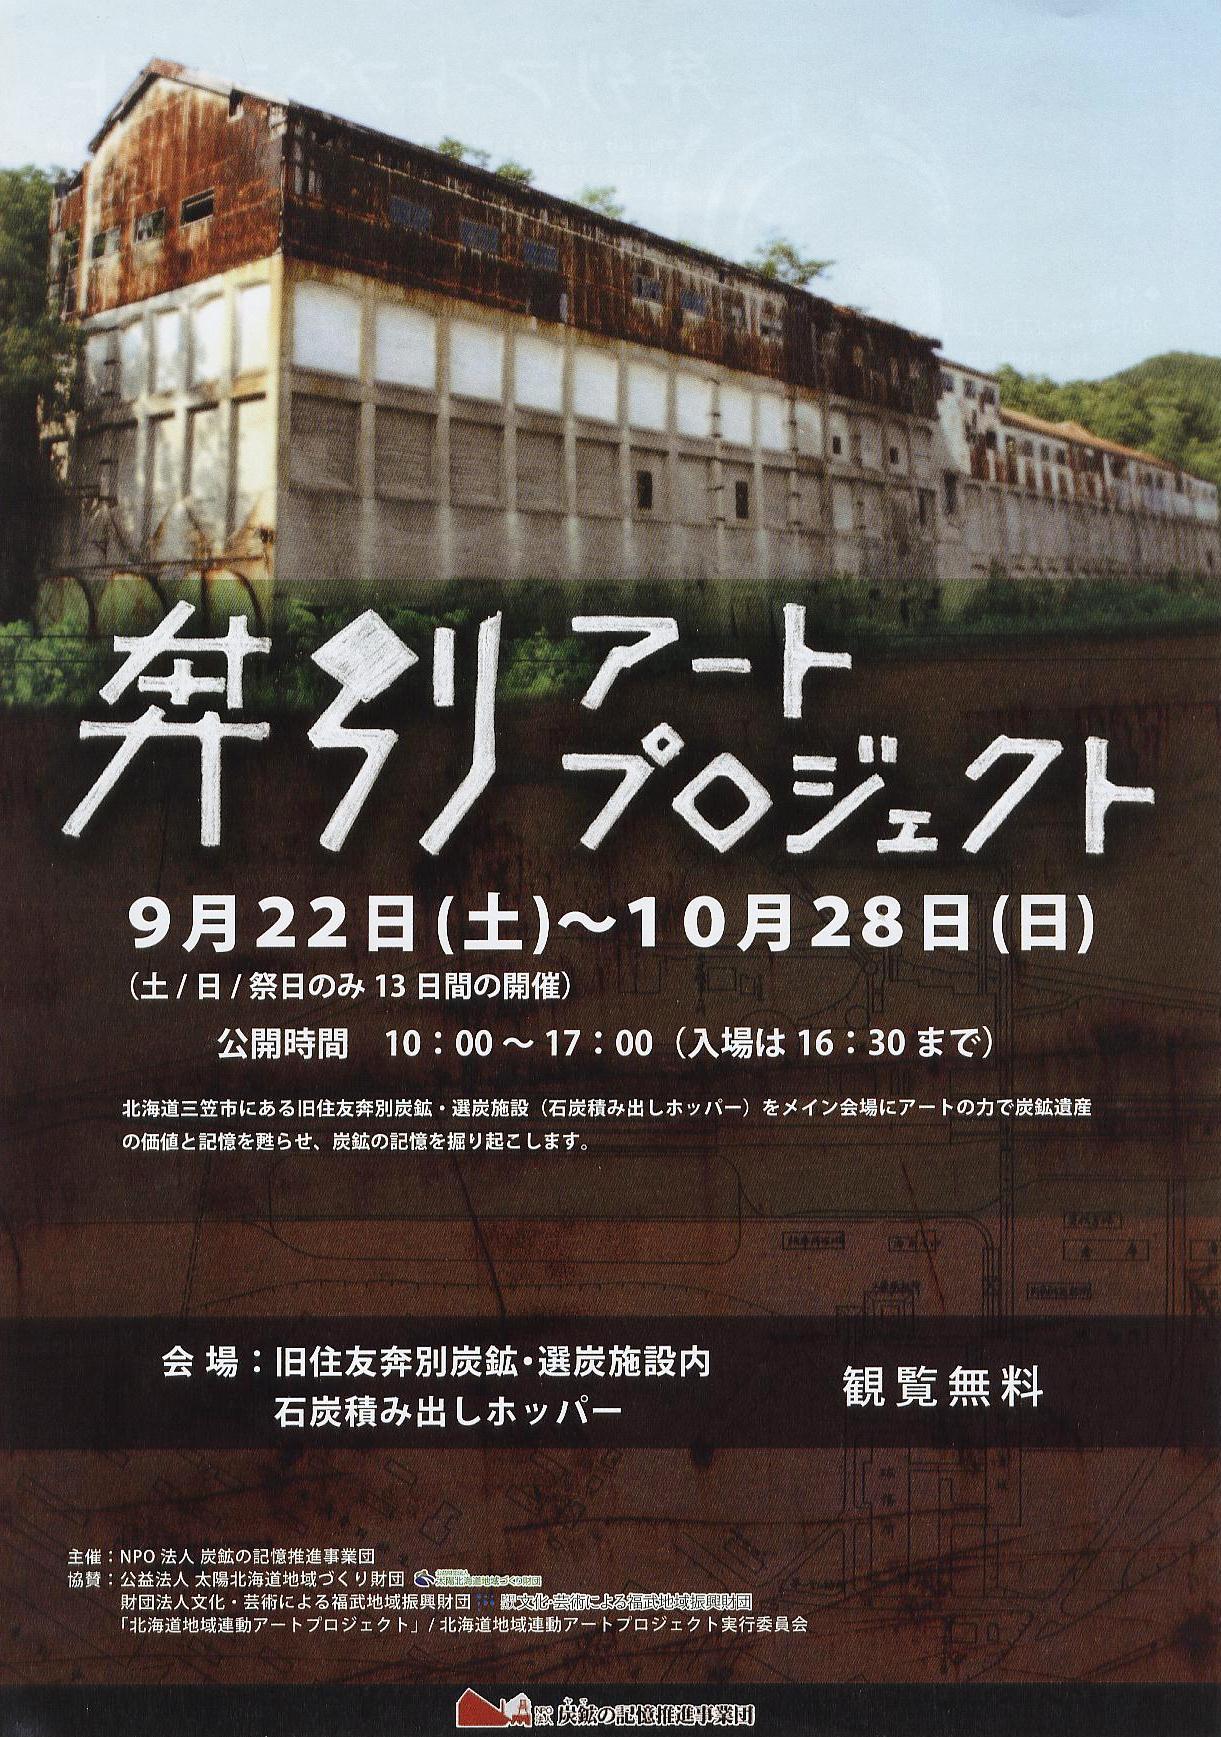 1848)①「奔別(ポンベツ)アート・プロジェクト」 三笠・幾春別 9月22日(土)~10月28日(日)_f0126829_23271994.jpg